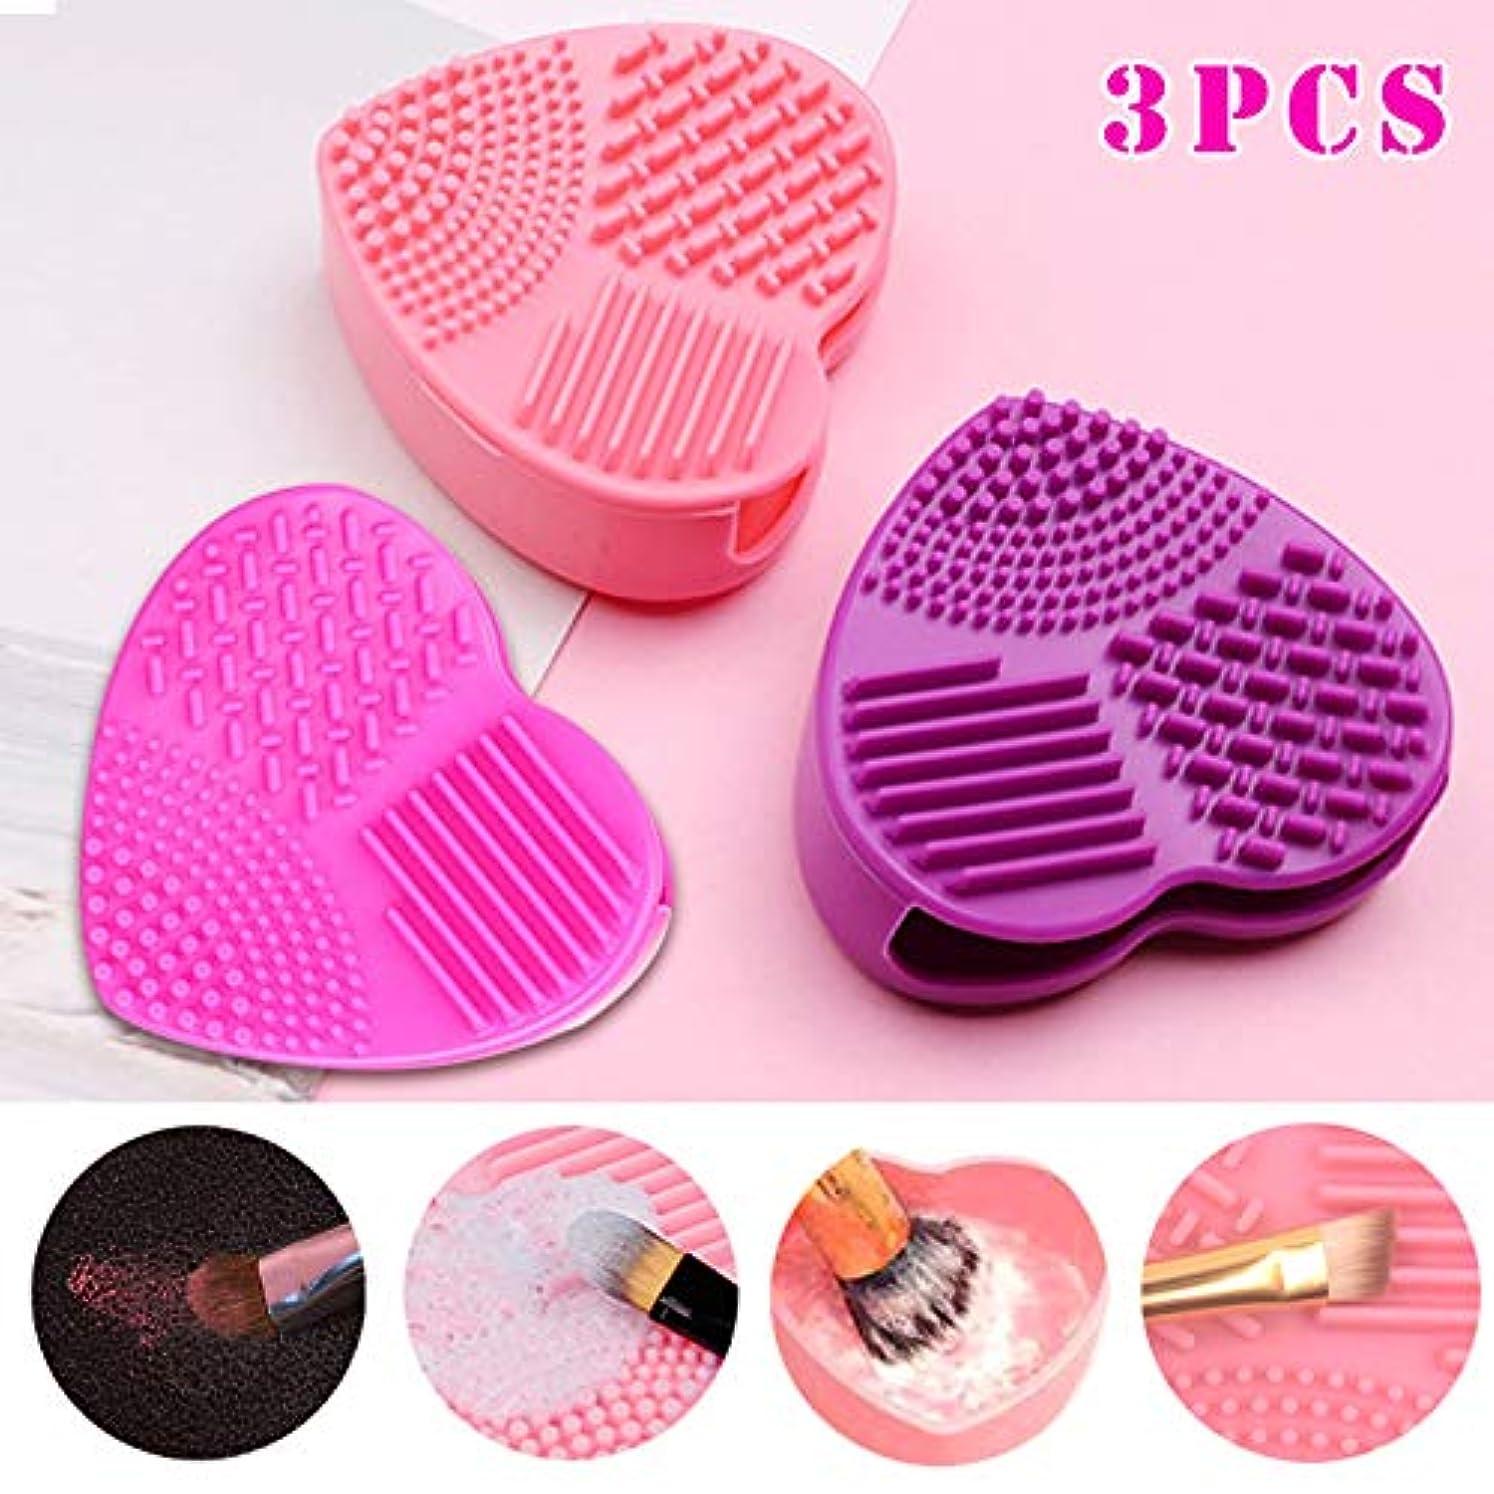 ウェイトレス貫通哲学的Symboat 3つのハート型の化粧ブラシのクリーニングパッド 洗浄ブラシ ピンクのハート形 化粧ブラシ用清掃パッド